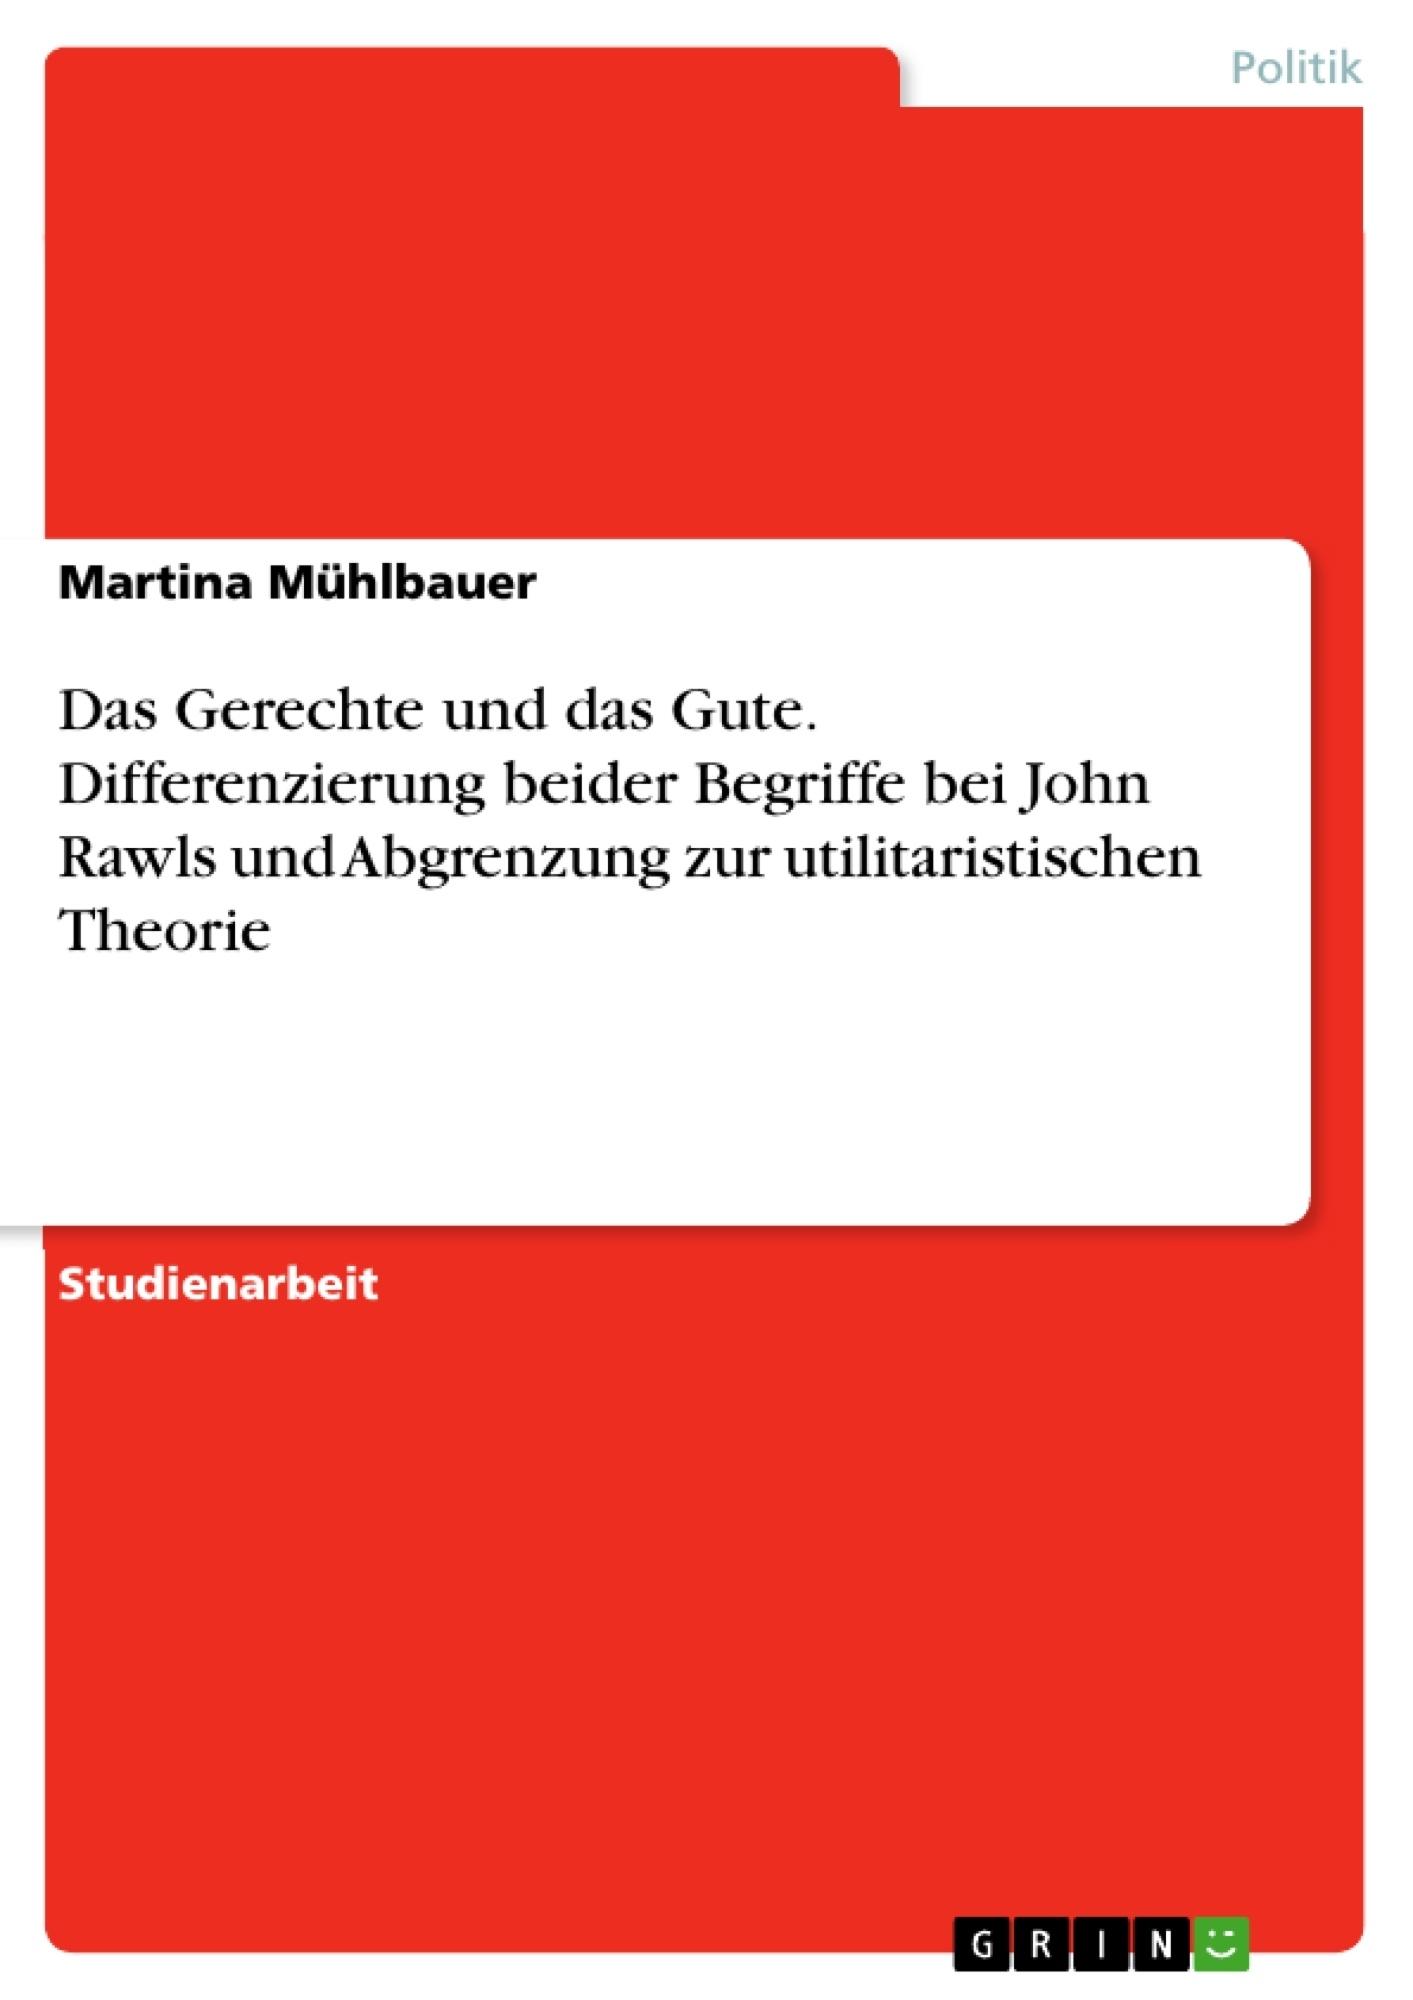 Titel: Das Gerechte und das Gute. Differenzierung beider Begriffe bei John Rawls und Abgrenzung zur utilitaristischen Theorie